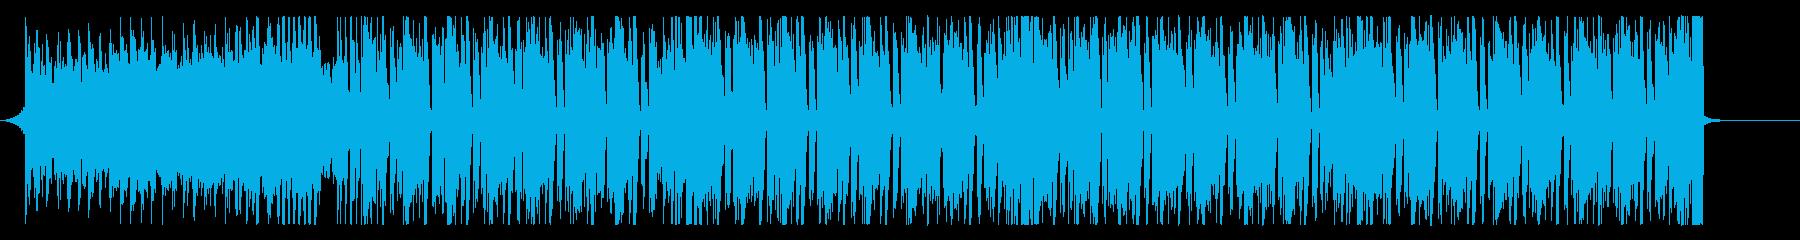 爽快・Kawaiiフューチャーベース cの再生済みの波形